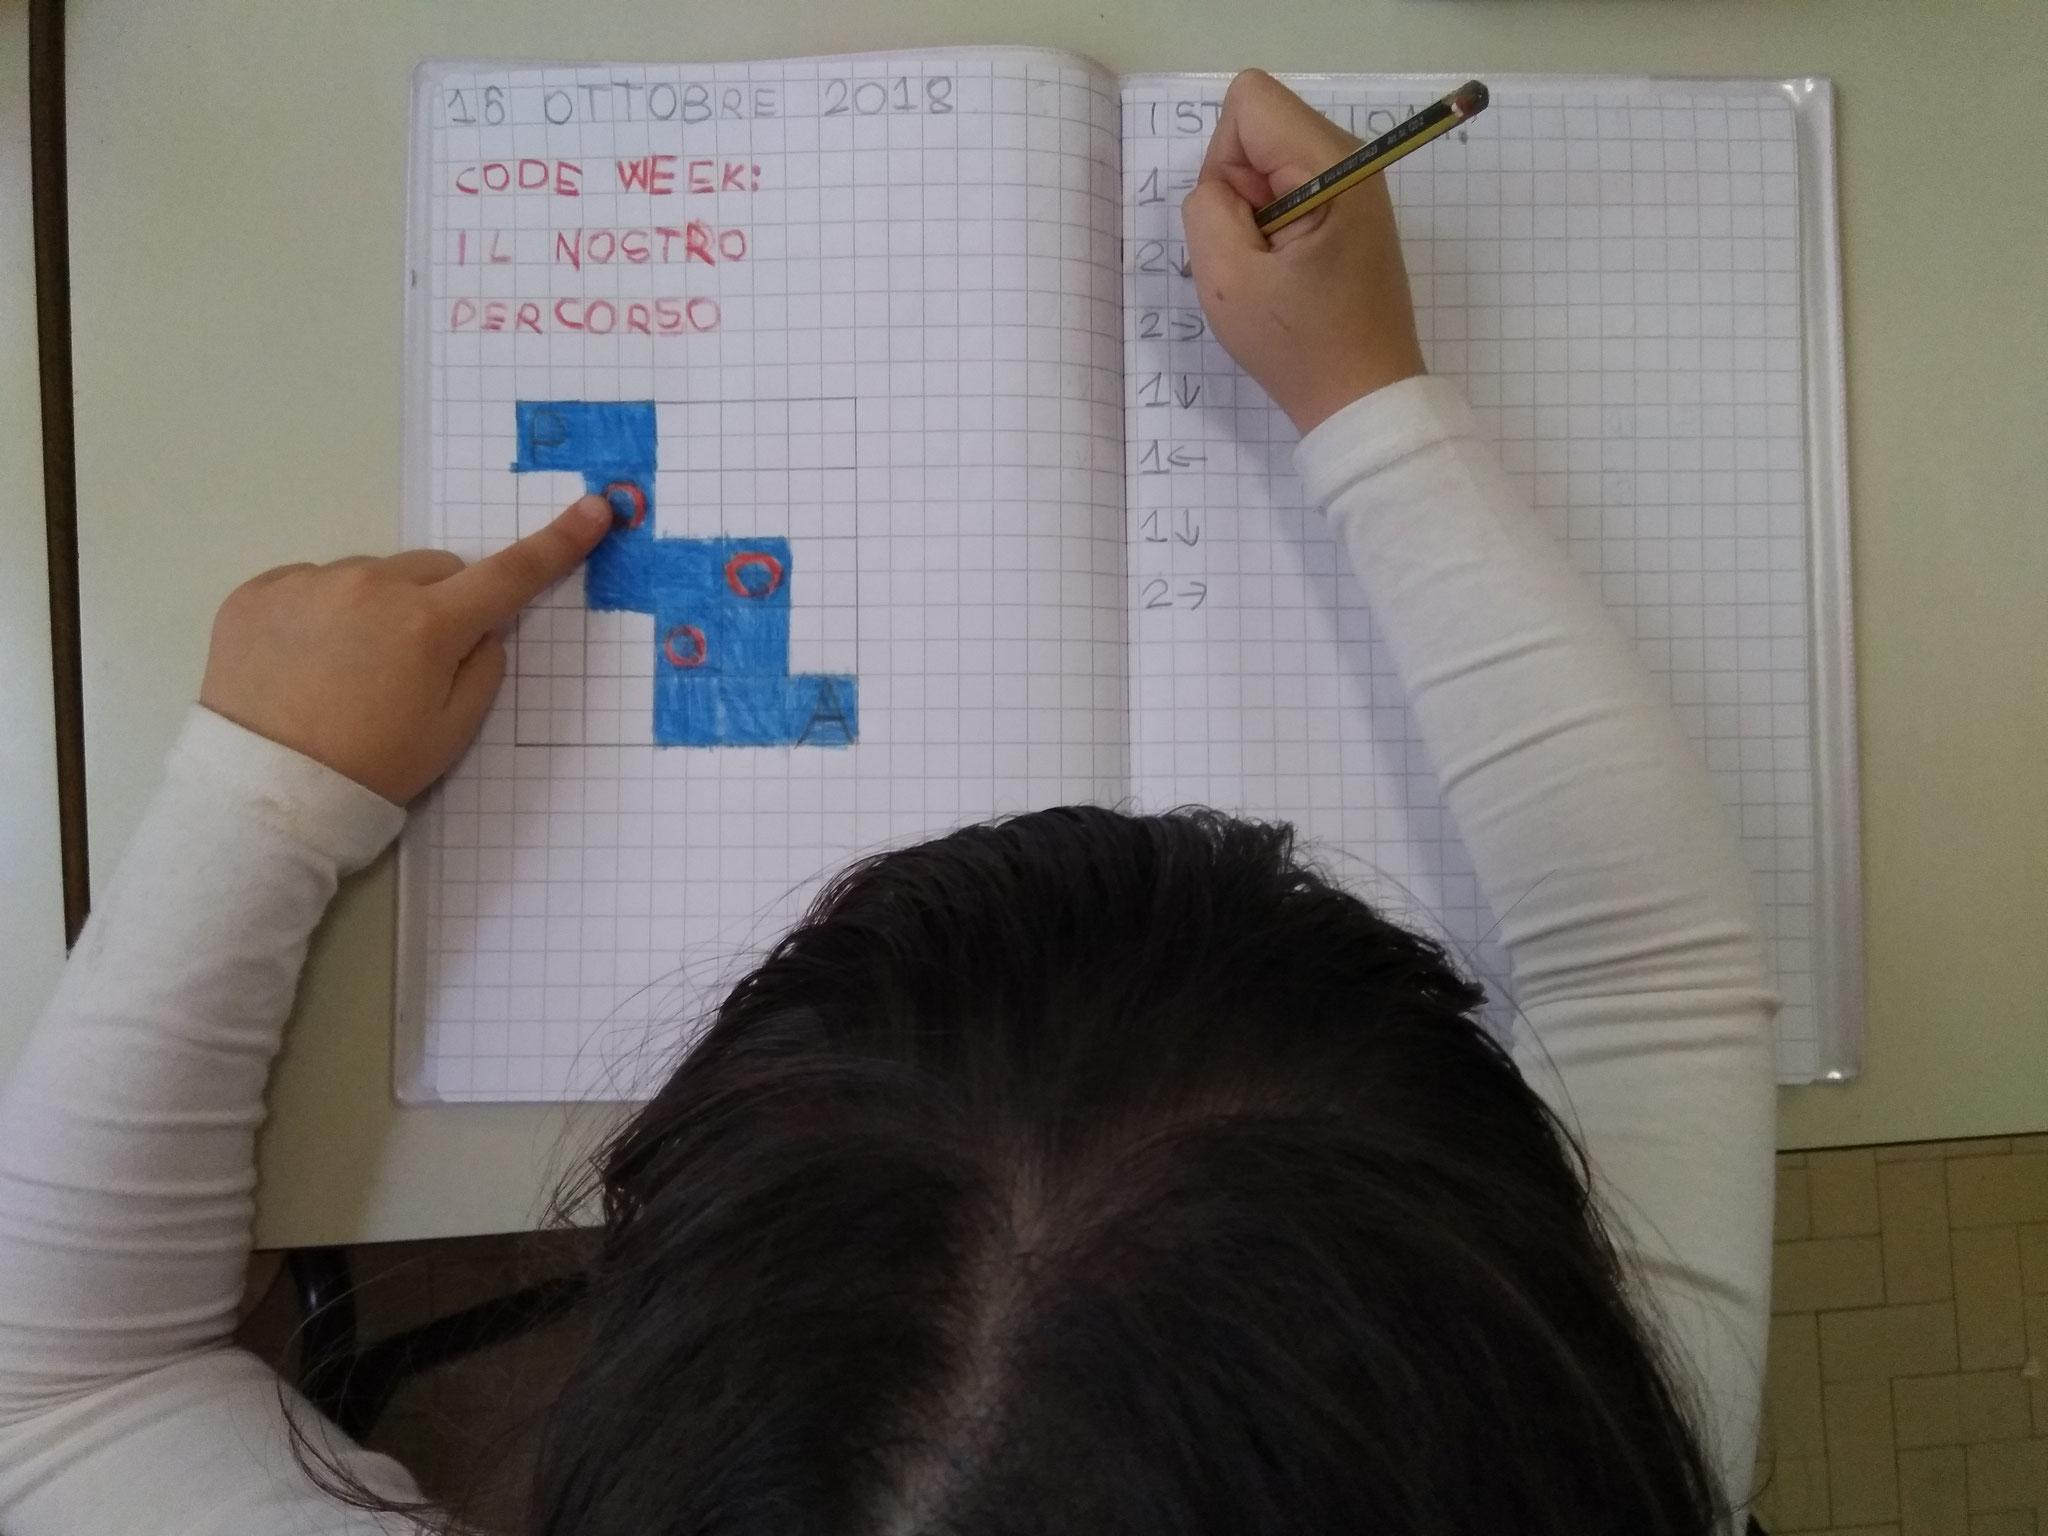 PRIMA - percorso sviluppato sia in palestra che sul quaderno di matematica seguendo un algoritmo dato